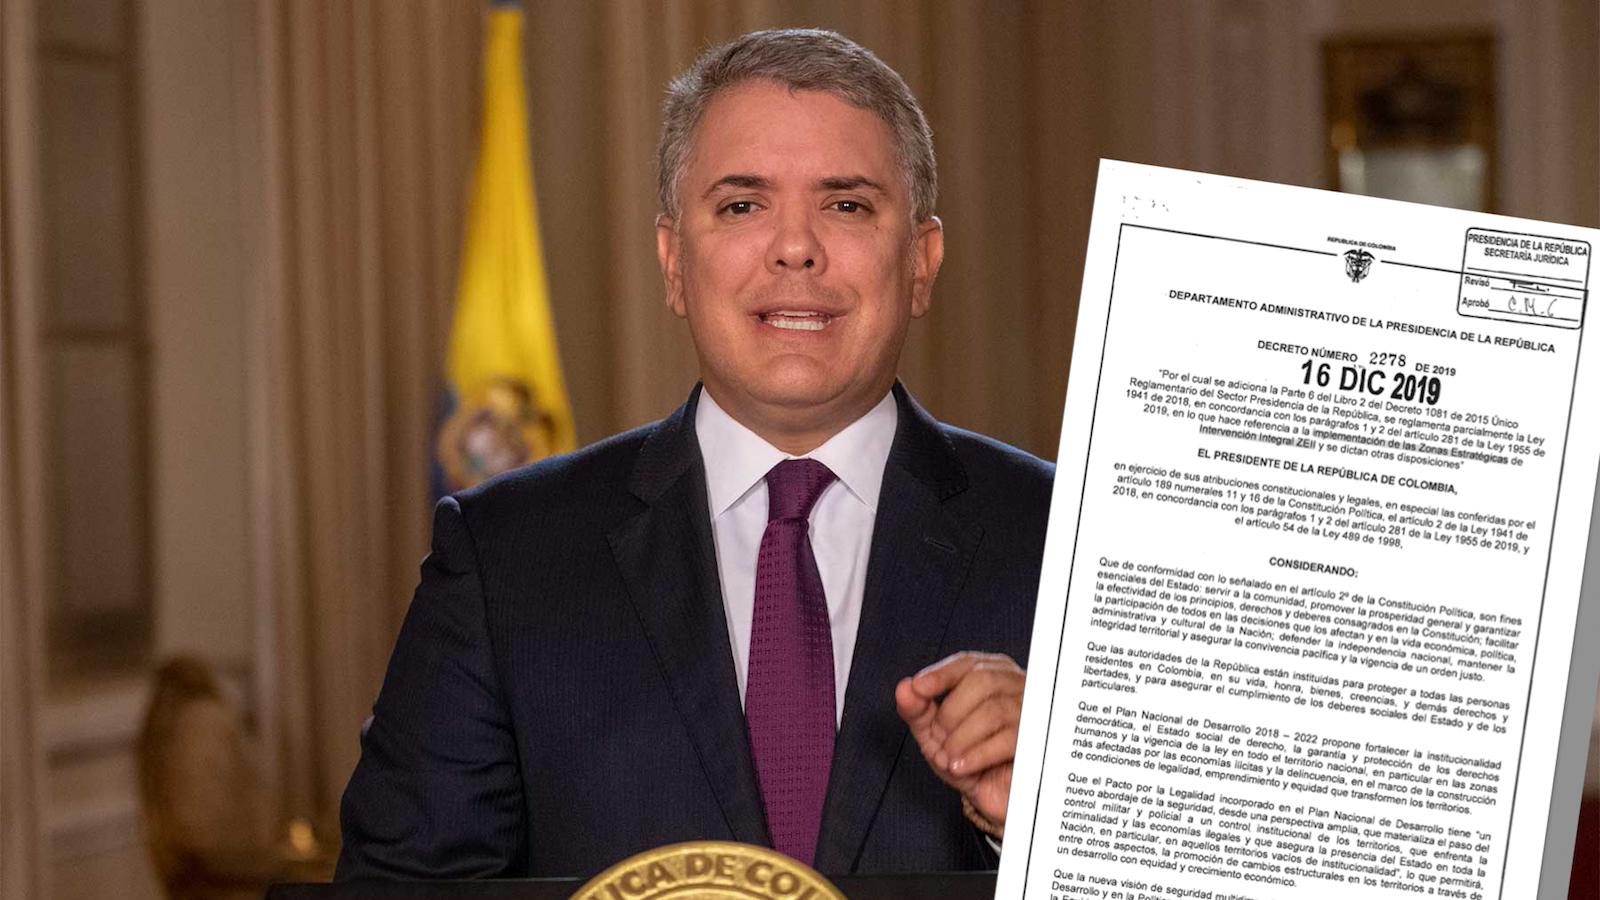 Presidente Duque firmó decreto para agilizar desarrollo y estabilización en zonas de violencia